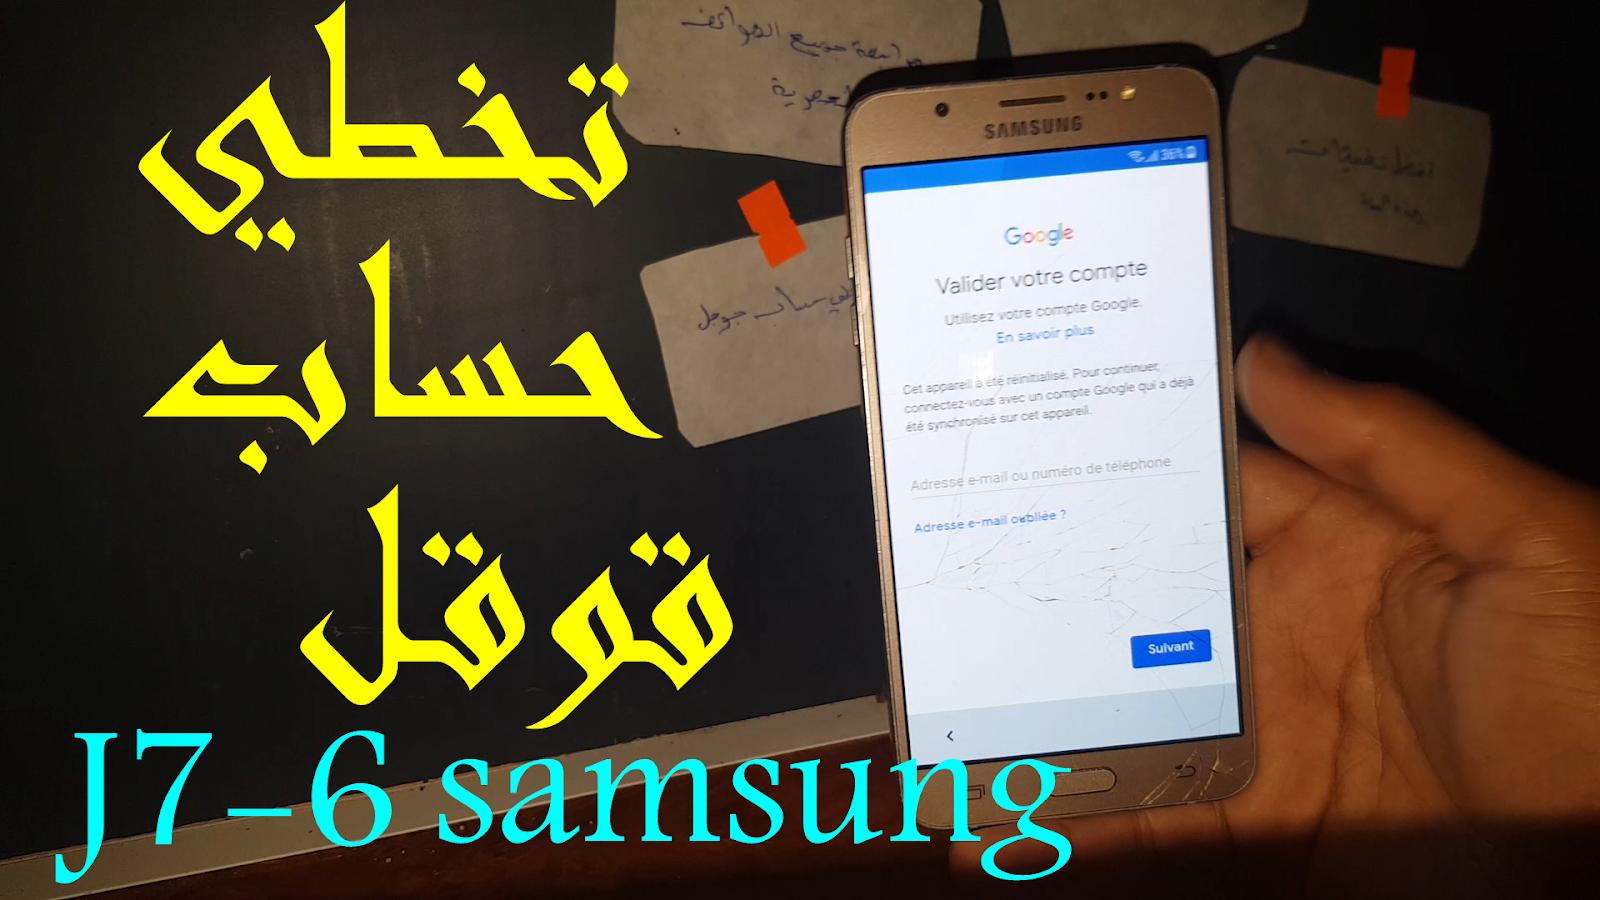 تخطي حساب جوجل بعد الفورمات لجهاز Samsung Galaxy J7 6